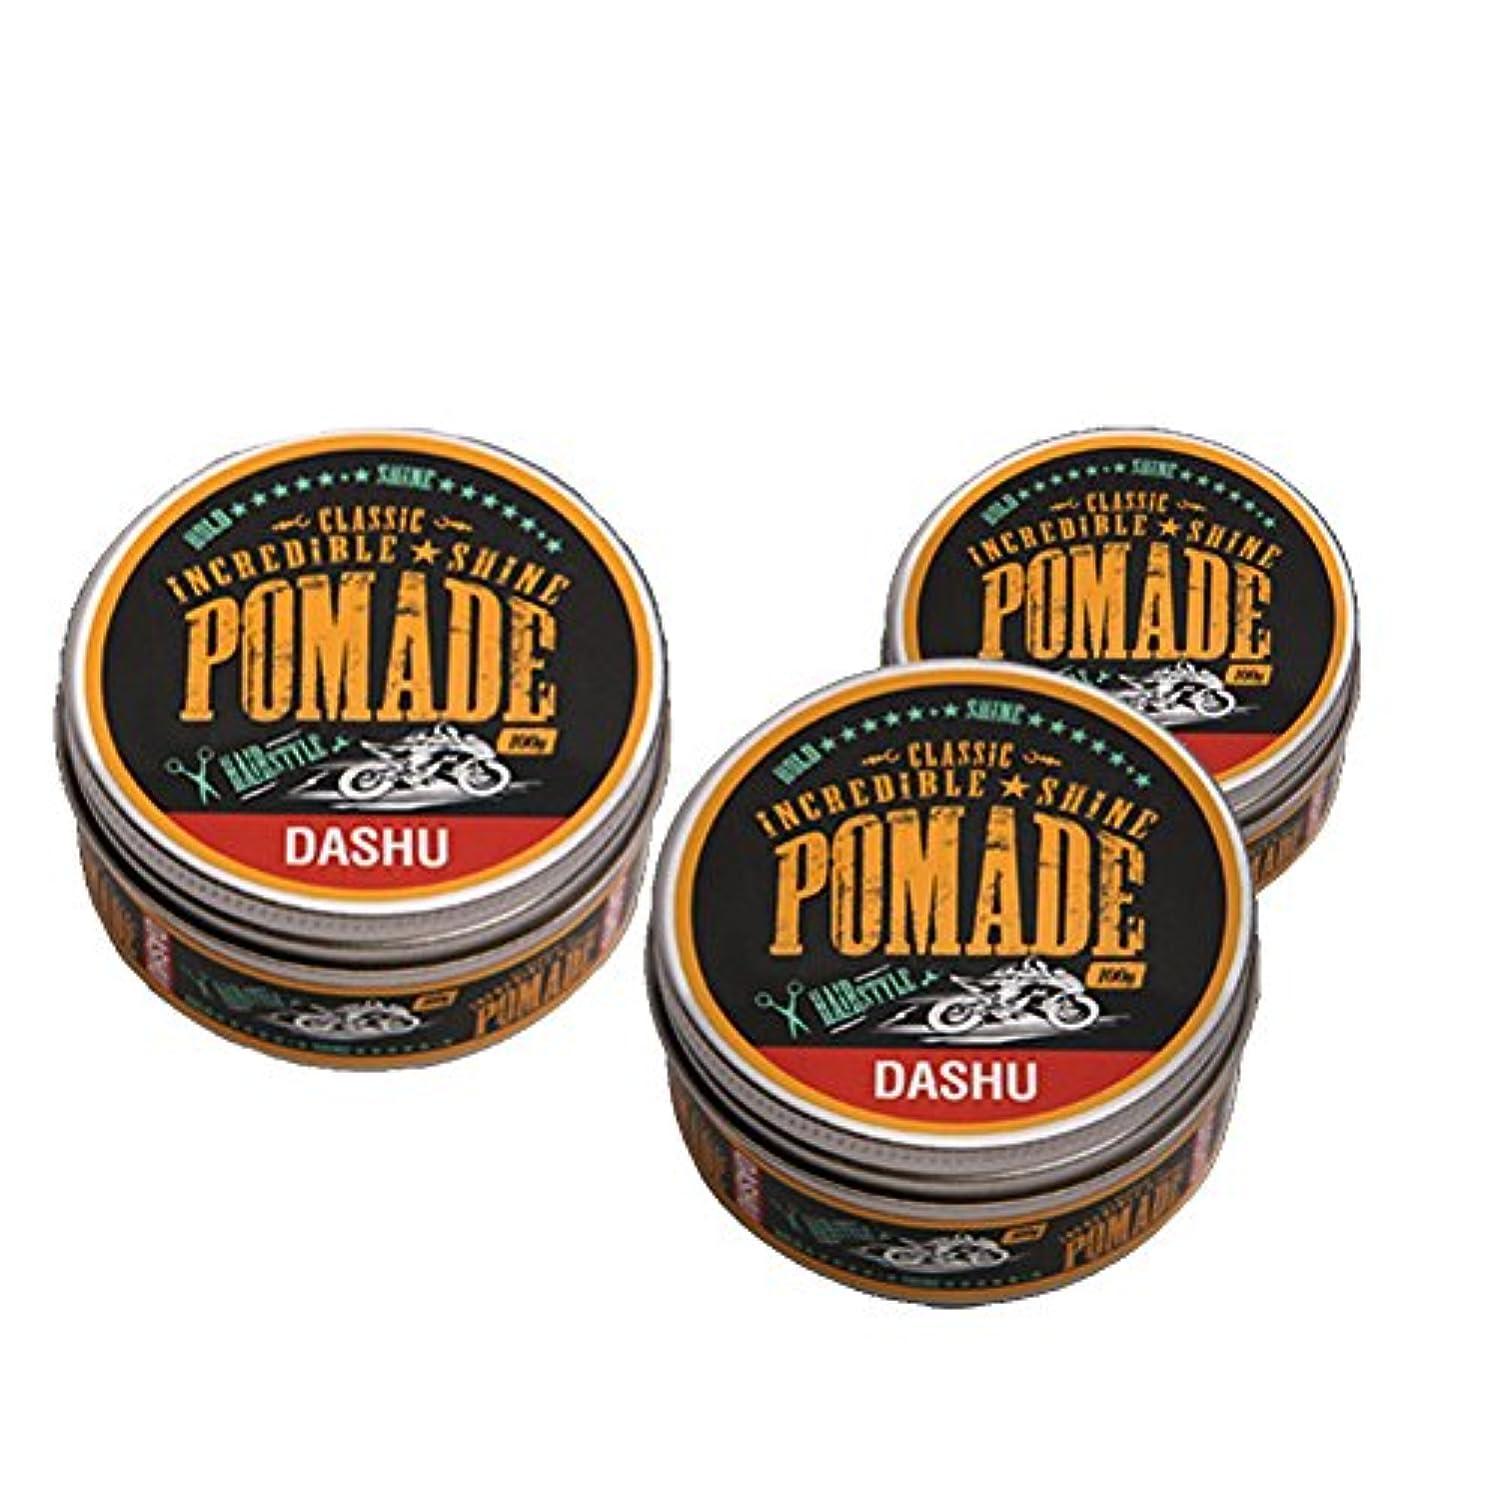 意識的徹底ただやる(3個セット) x [DASHU] ダシュ クラシック 信じられないほどの輝き ポマードワックス Classic Incredible Shine Pomade Hair Wax 100ml / 韓国製 . 韓国直送品